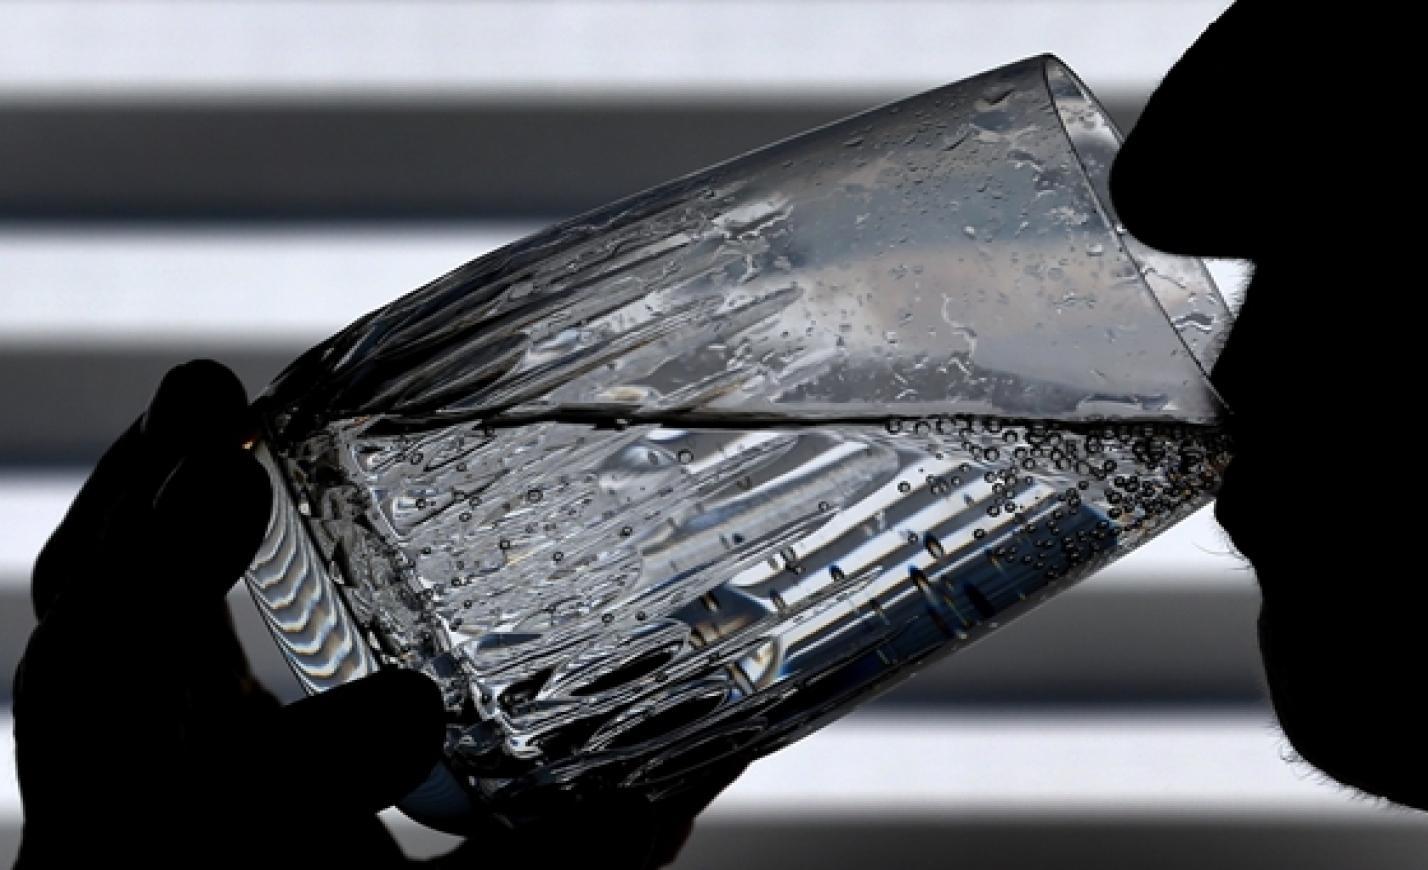 Ön mennyi műanyagrészecskét eszik meg egy évben? Eláruljuk: 50 000-et